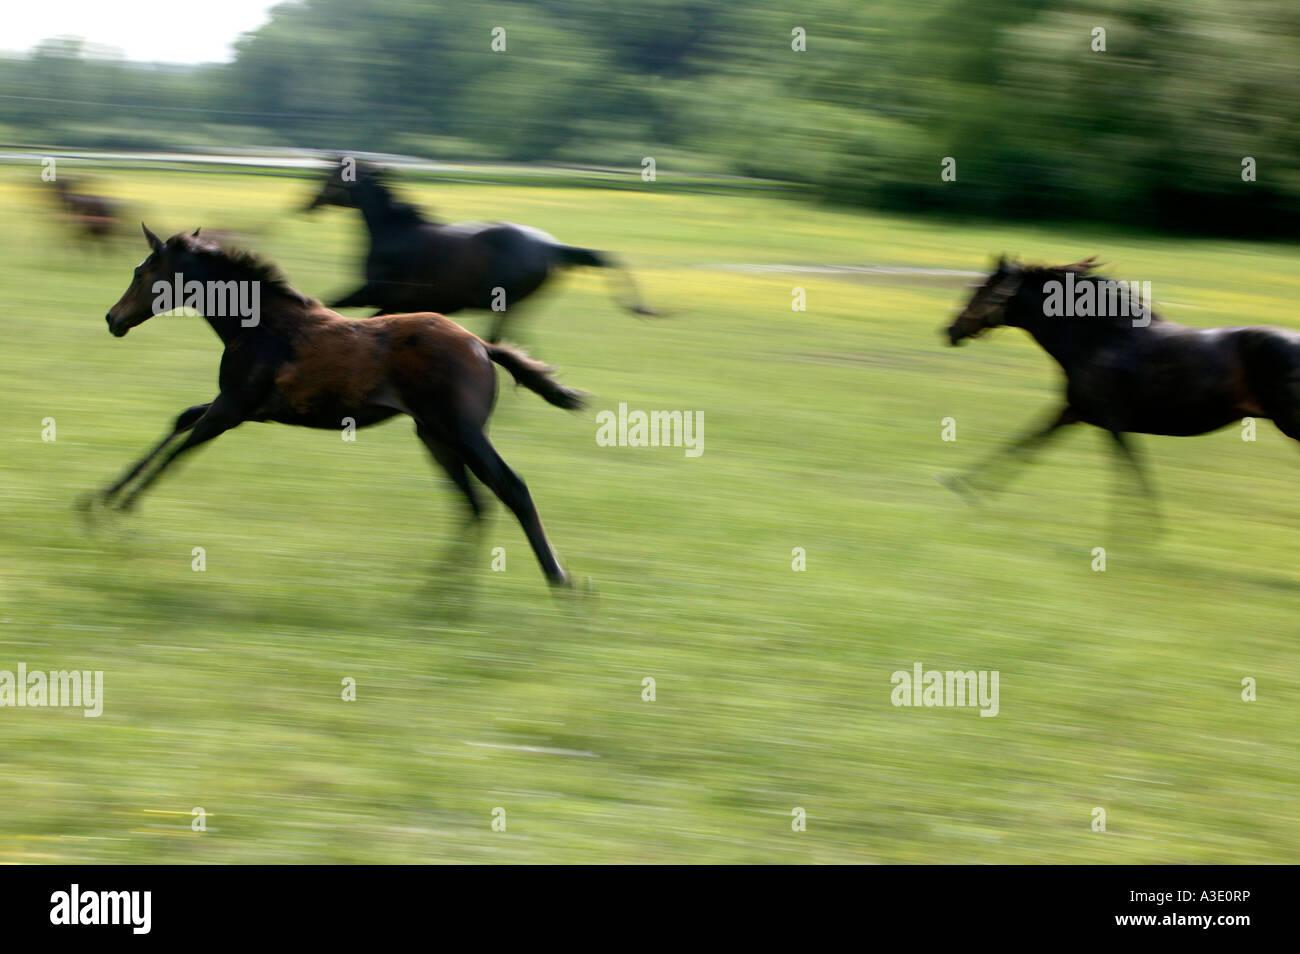 Junge Pferde laufen auf Vollblut Gestüt In Chester County, Pennsylvania, USA Stockbild